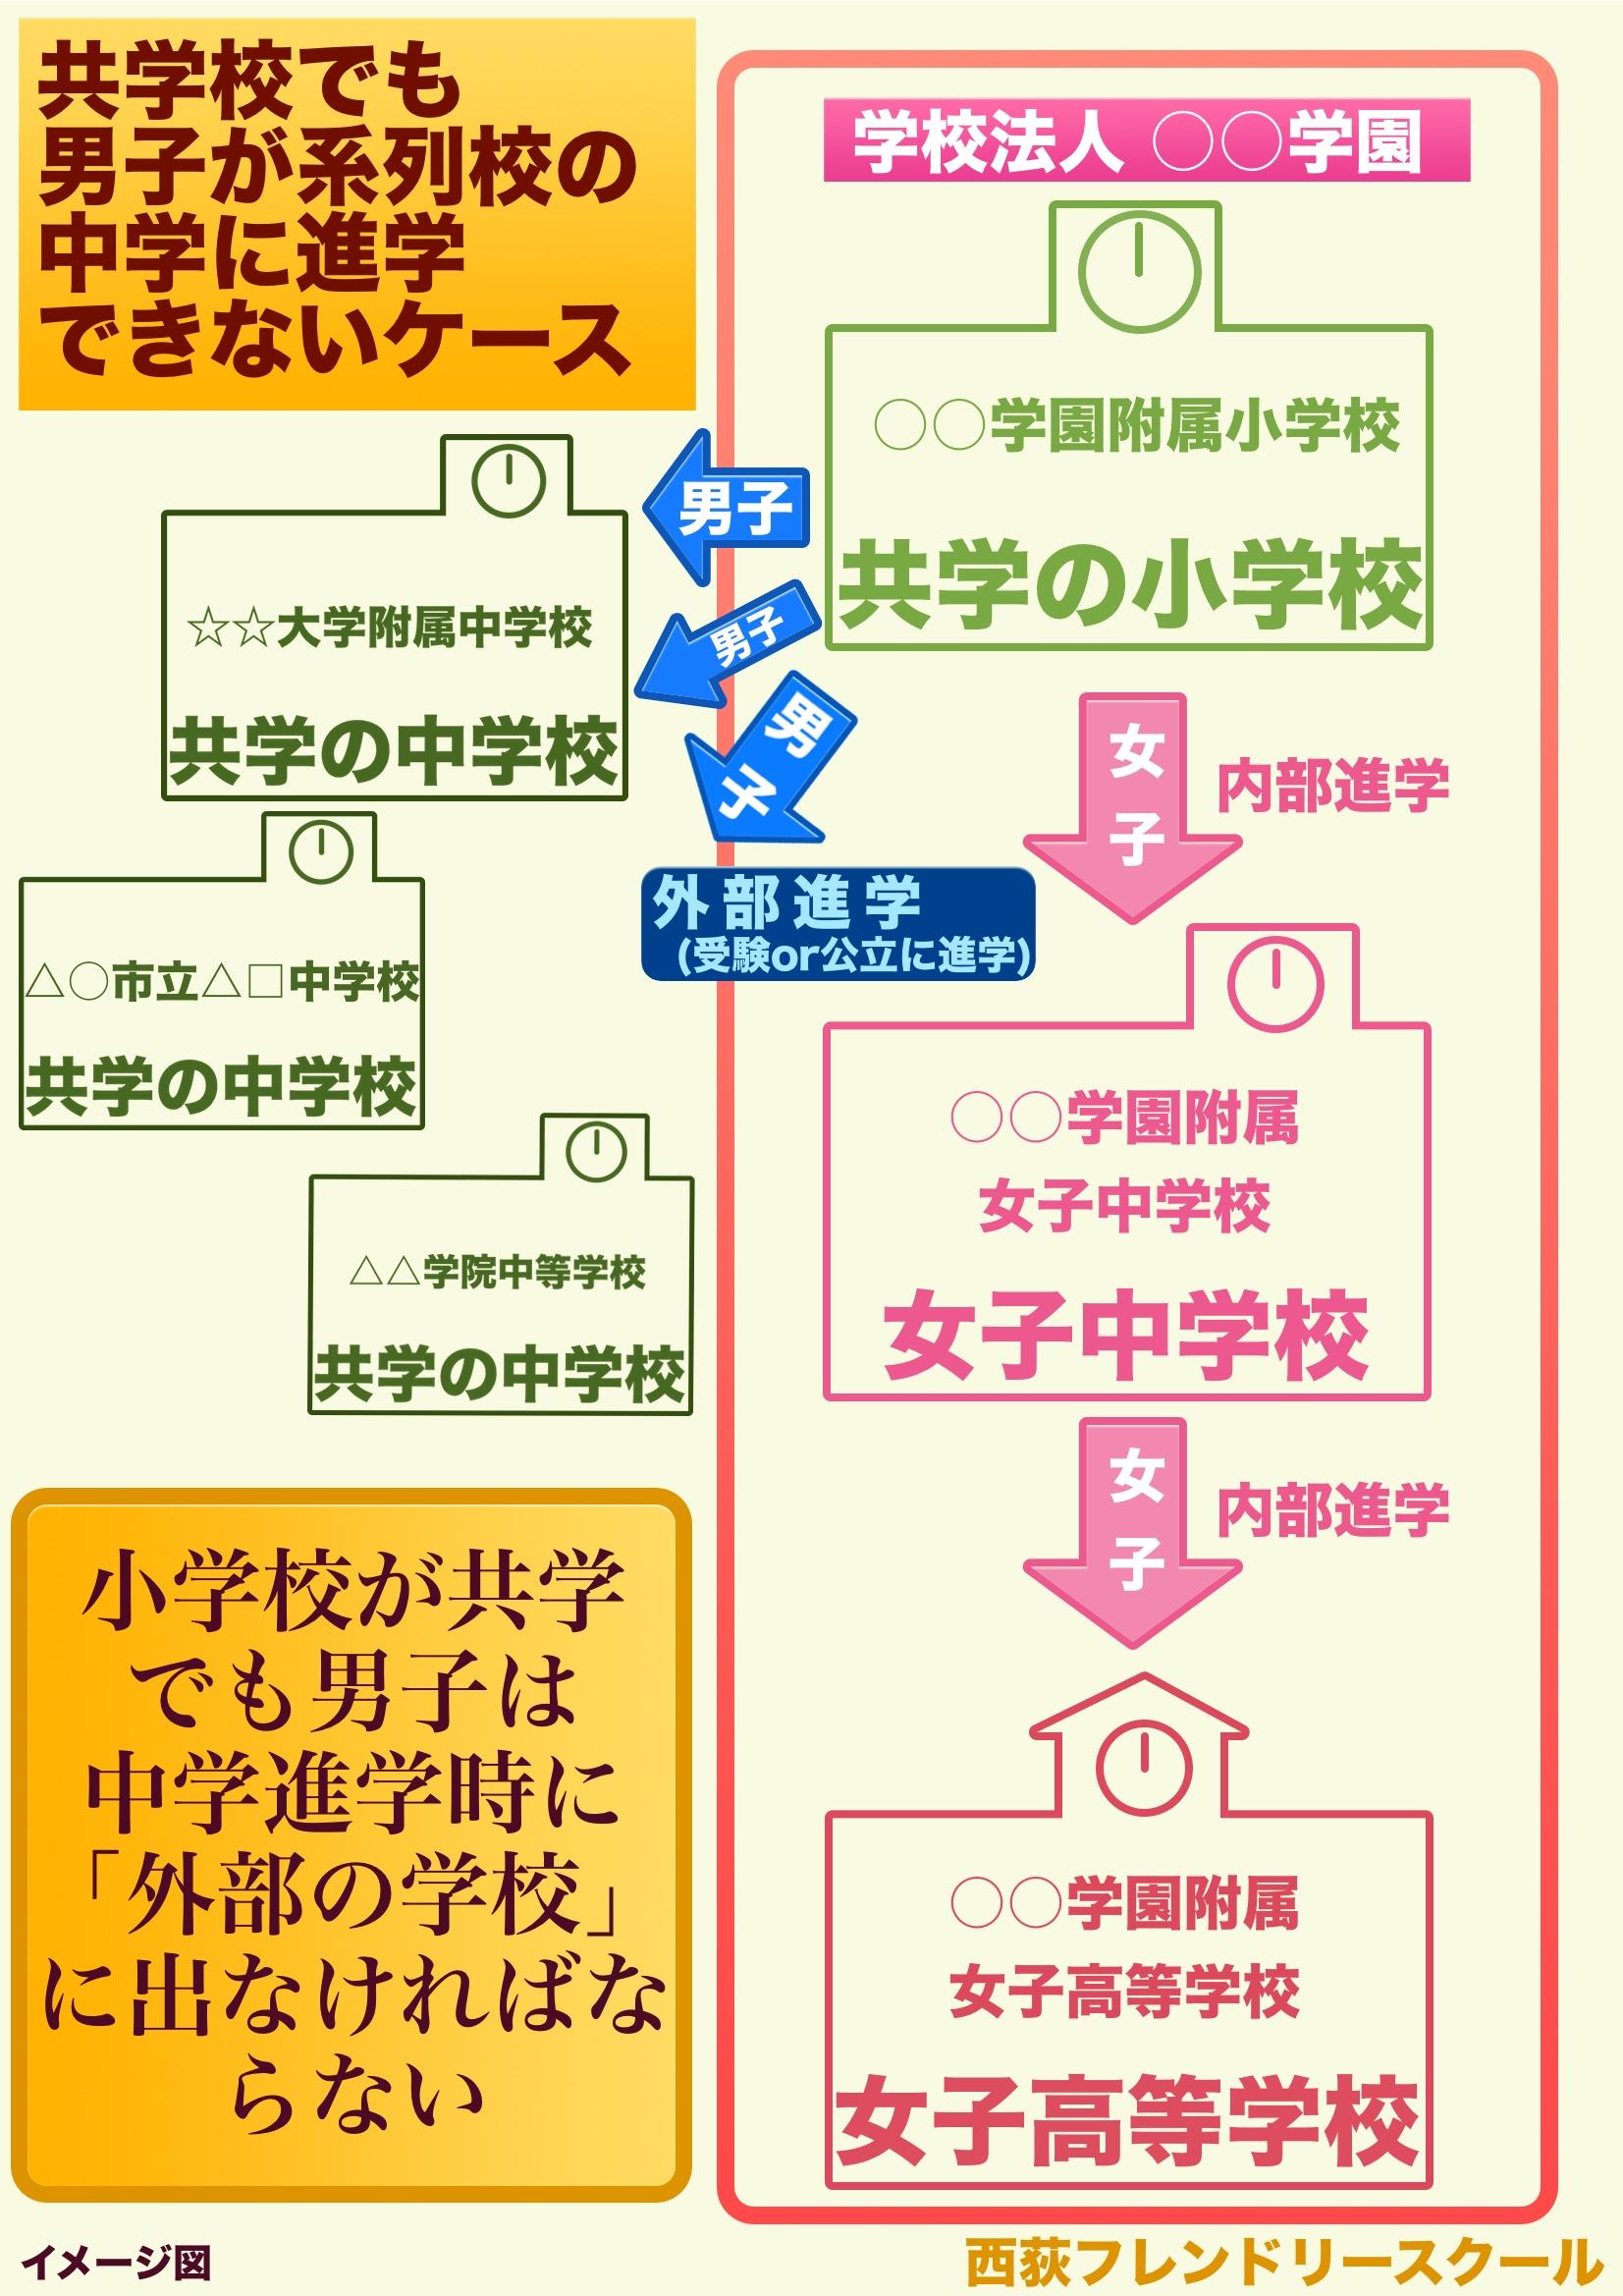 神奈川の私立小学校 西荻フレンドリースクール 幼児教室 塾 小学校受験